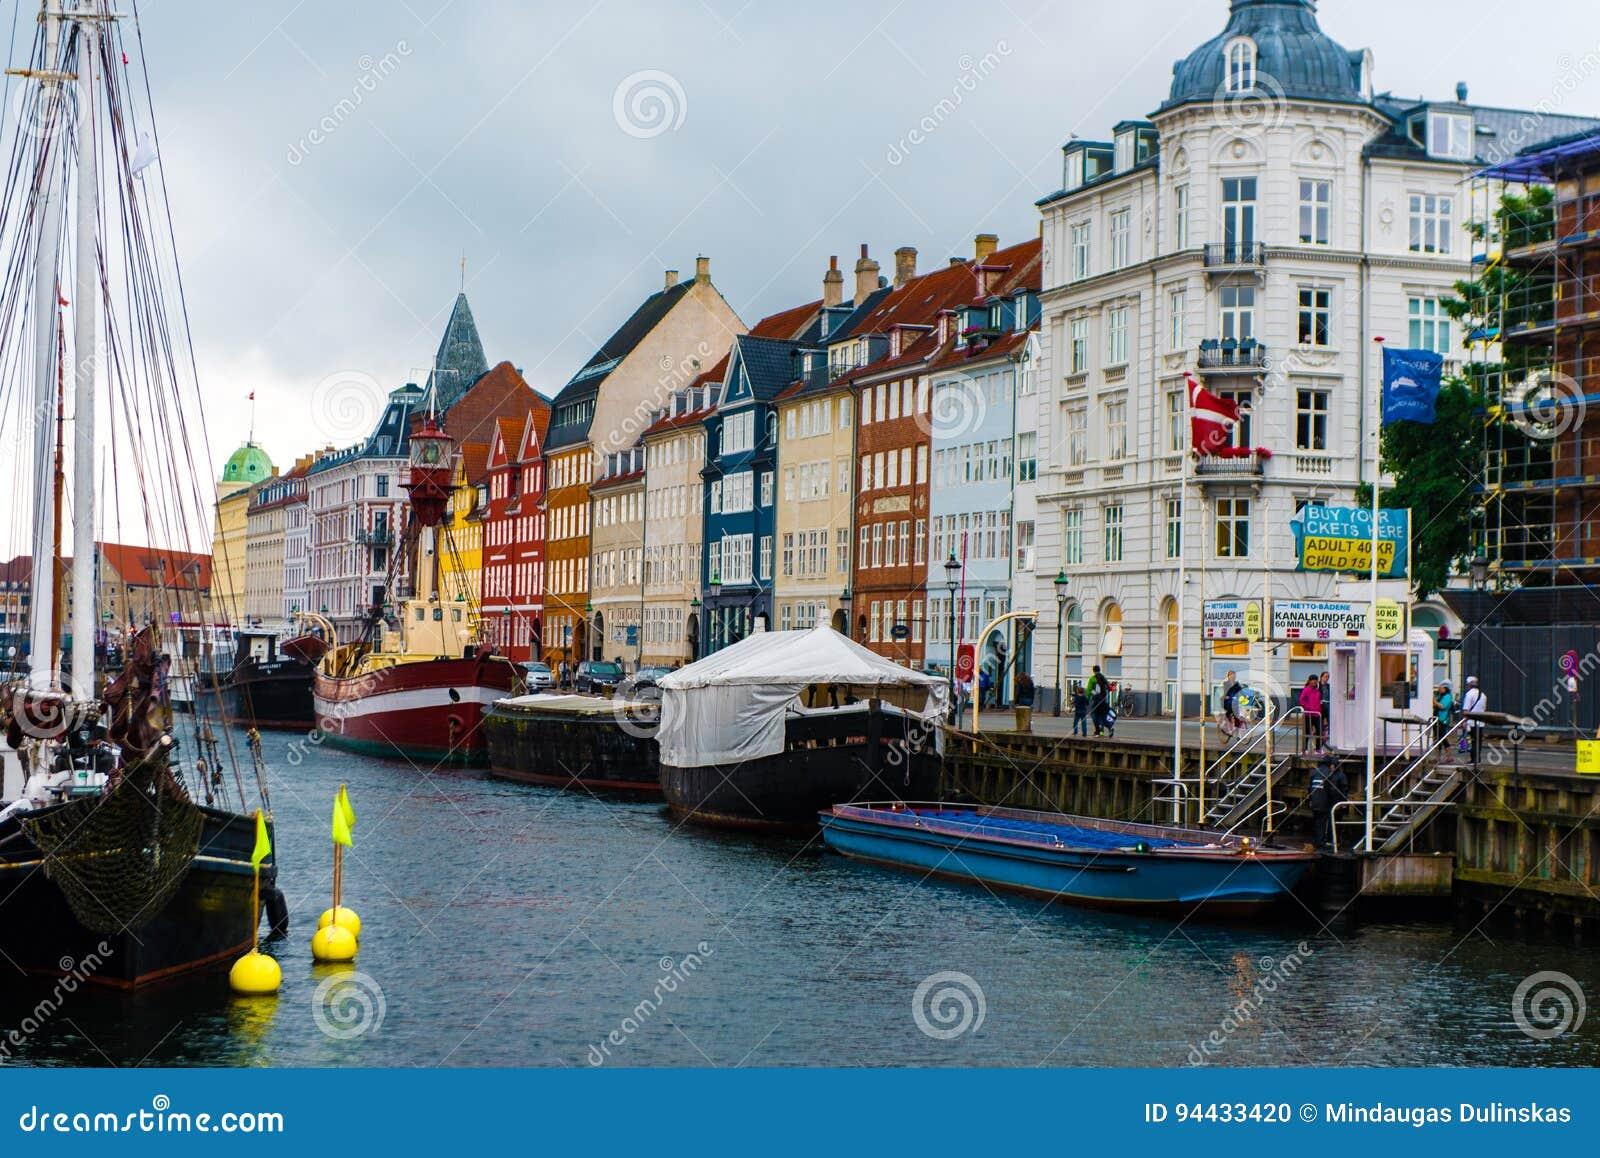 KOPENHAGEN, DÄNEMARK - 24. AUGUST 2015: Nyhavn-Veteranen-Schiff und Museum beherbergten und besetzen den inneren Abschnitt von Ny